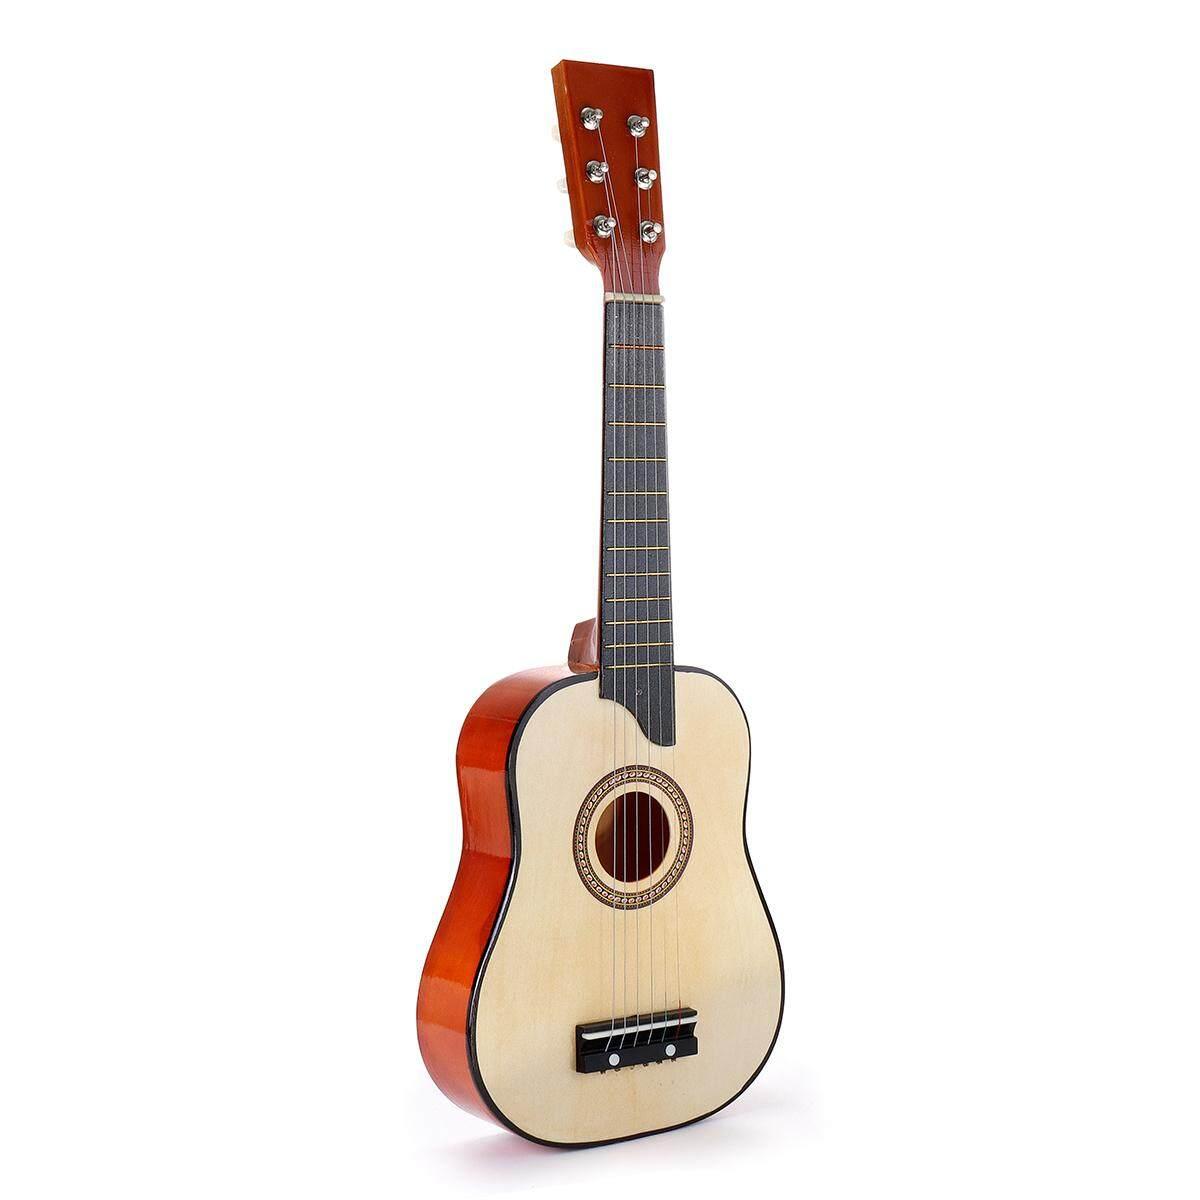 【Freebang】25 Inch 6 Dây Đàn Acoustic Mới Bắt Đầu Thực Hành Nhạc Cụ Dây Dành Cho Người Mới Chơi Học Sinh Sinh Viên